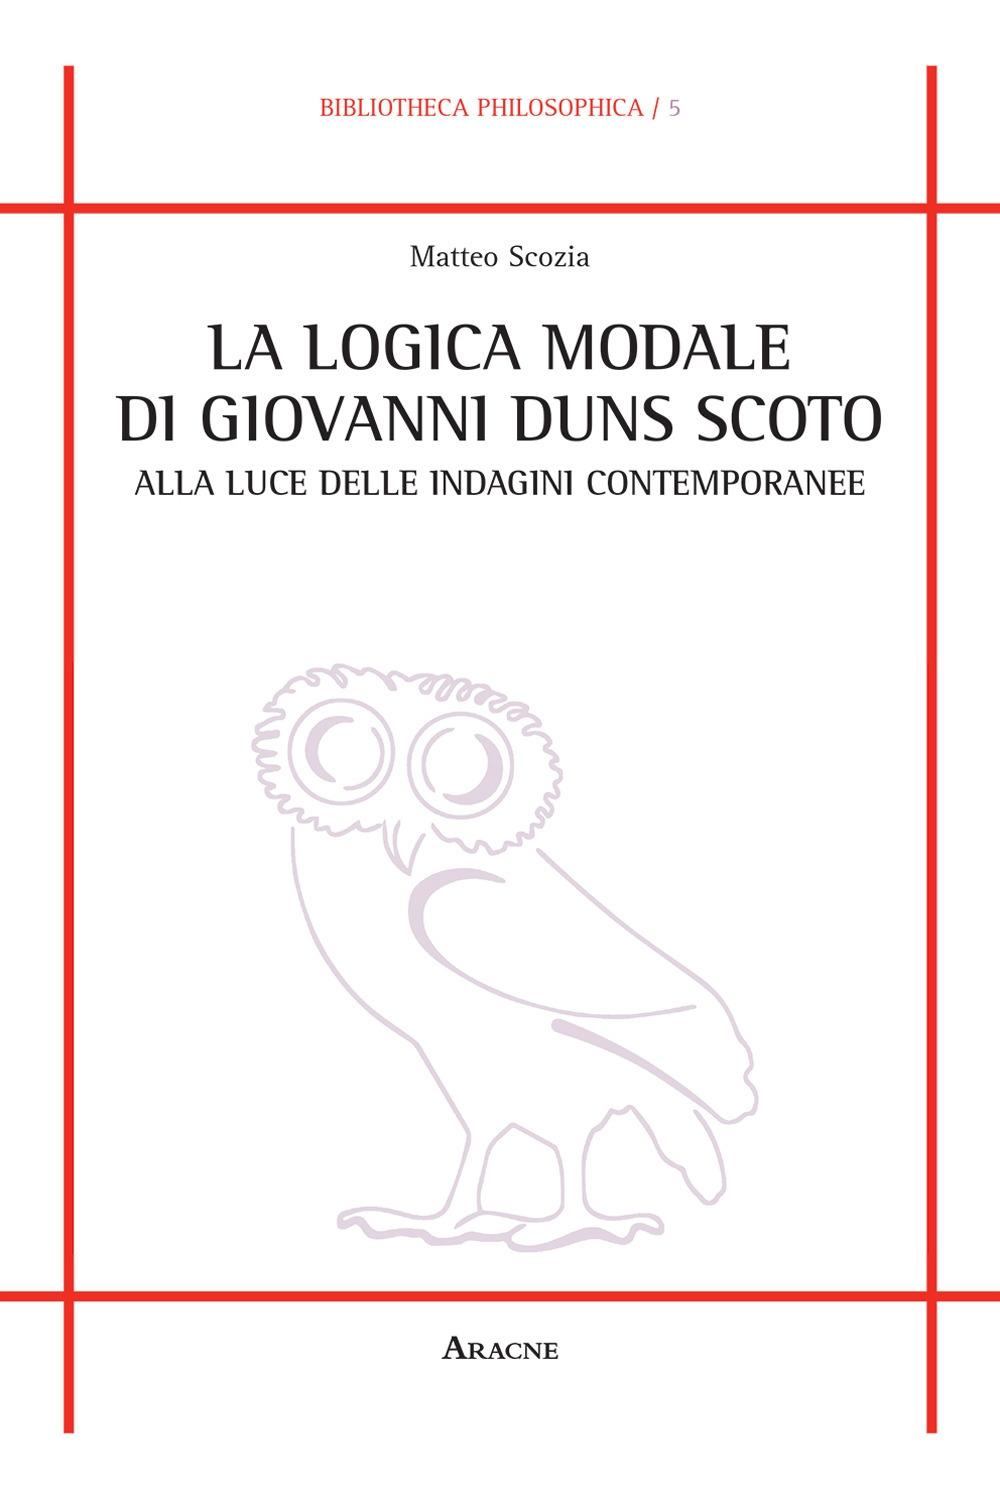 La logica modale di Giovanni Duns Scoto alla luce delle indagini contemporanee